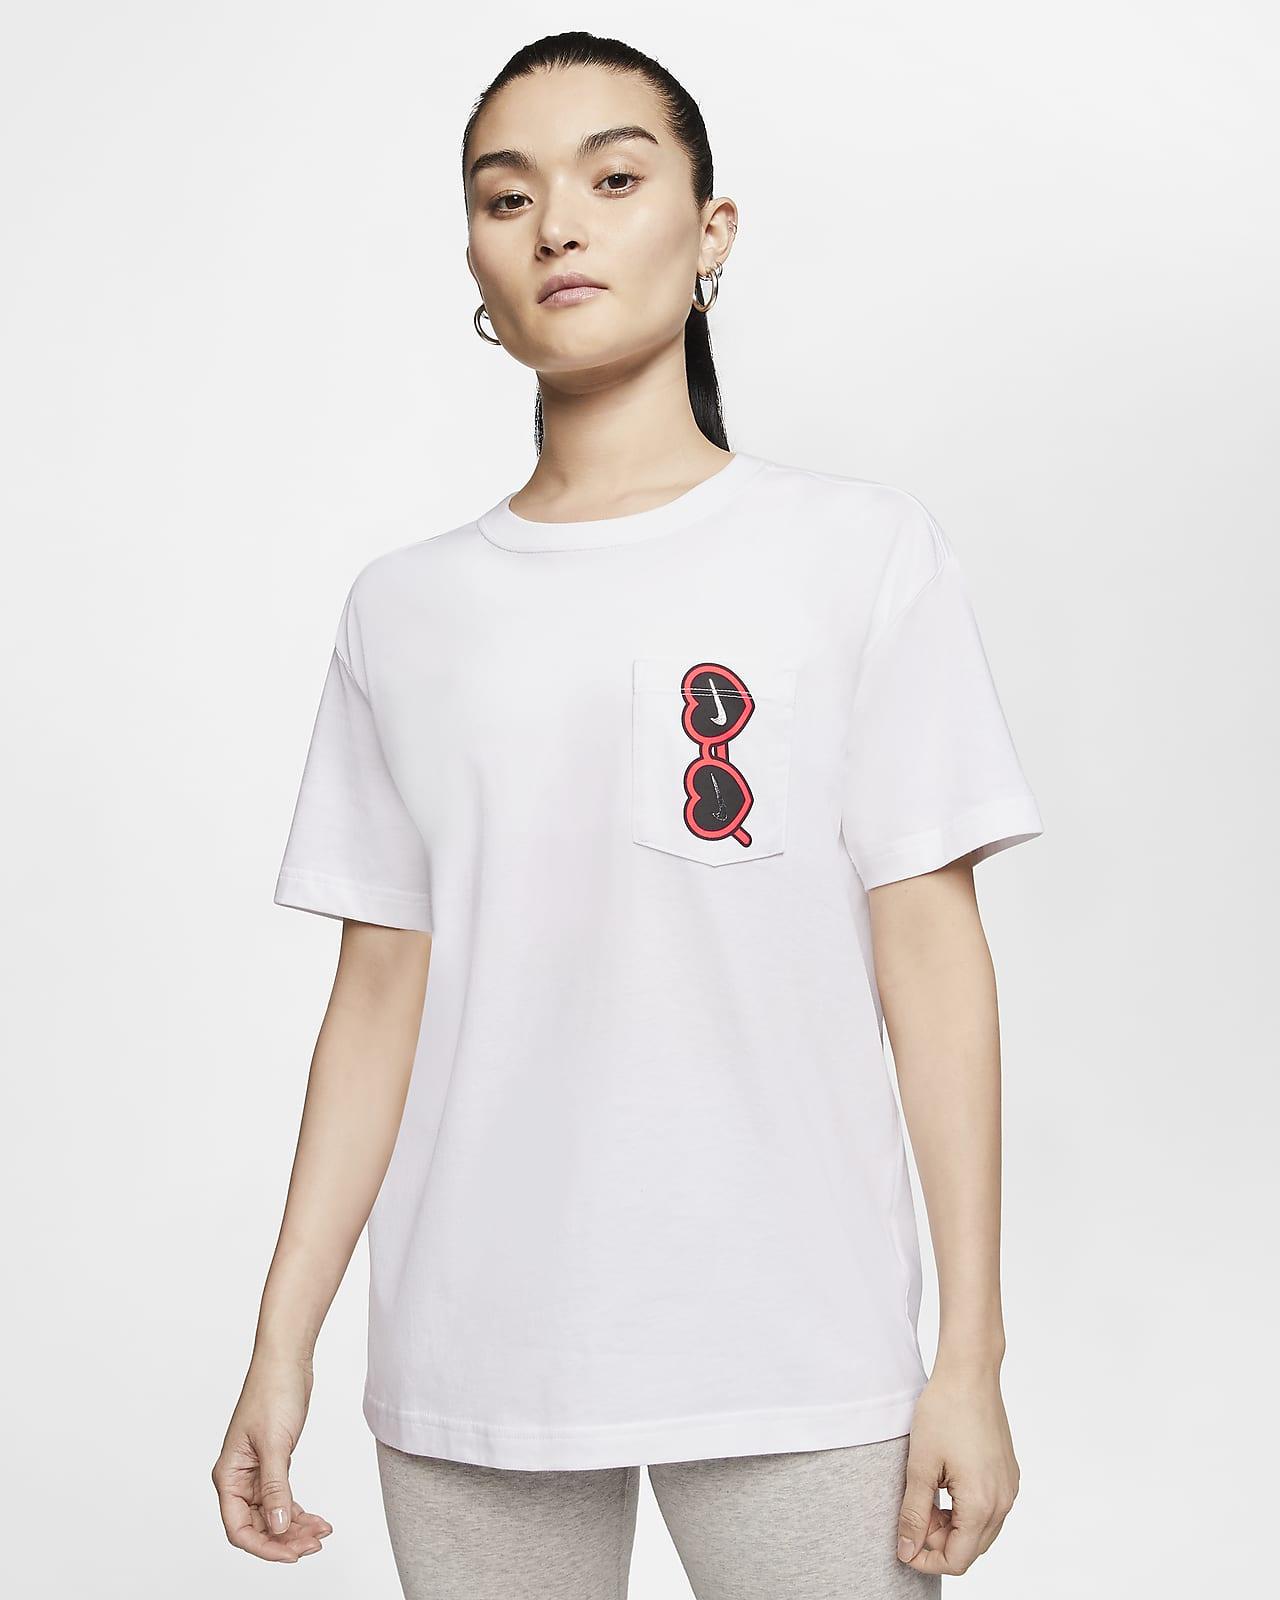 ナイキ スポーツウェア ウィメンズ Tシャツ